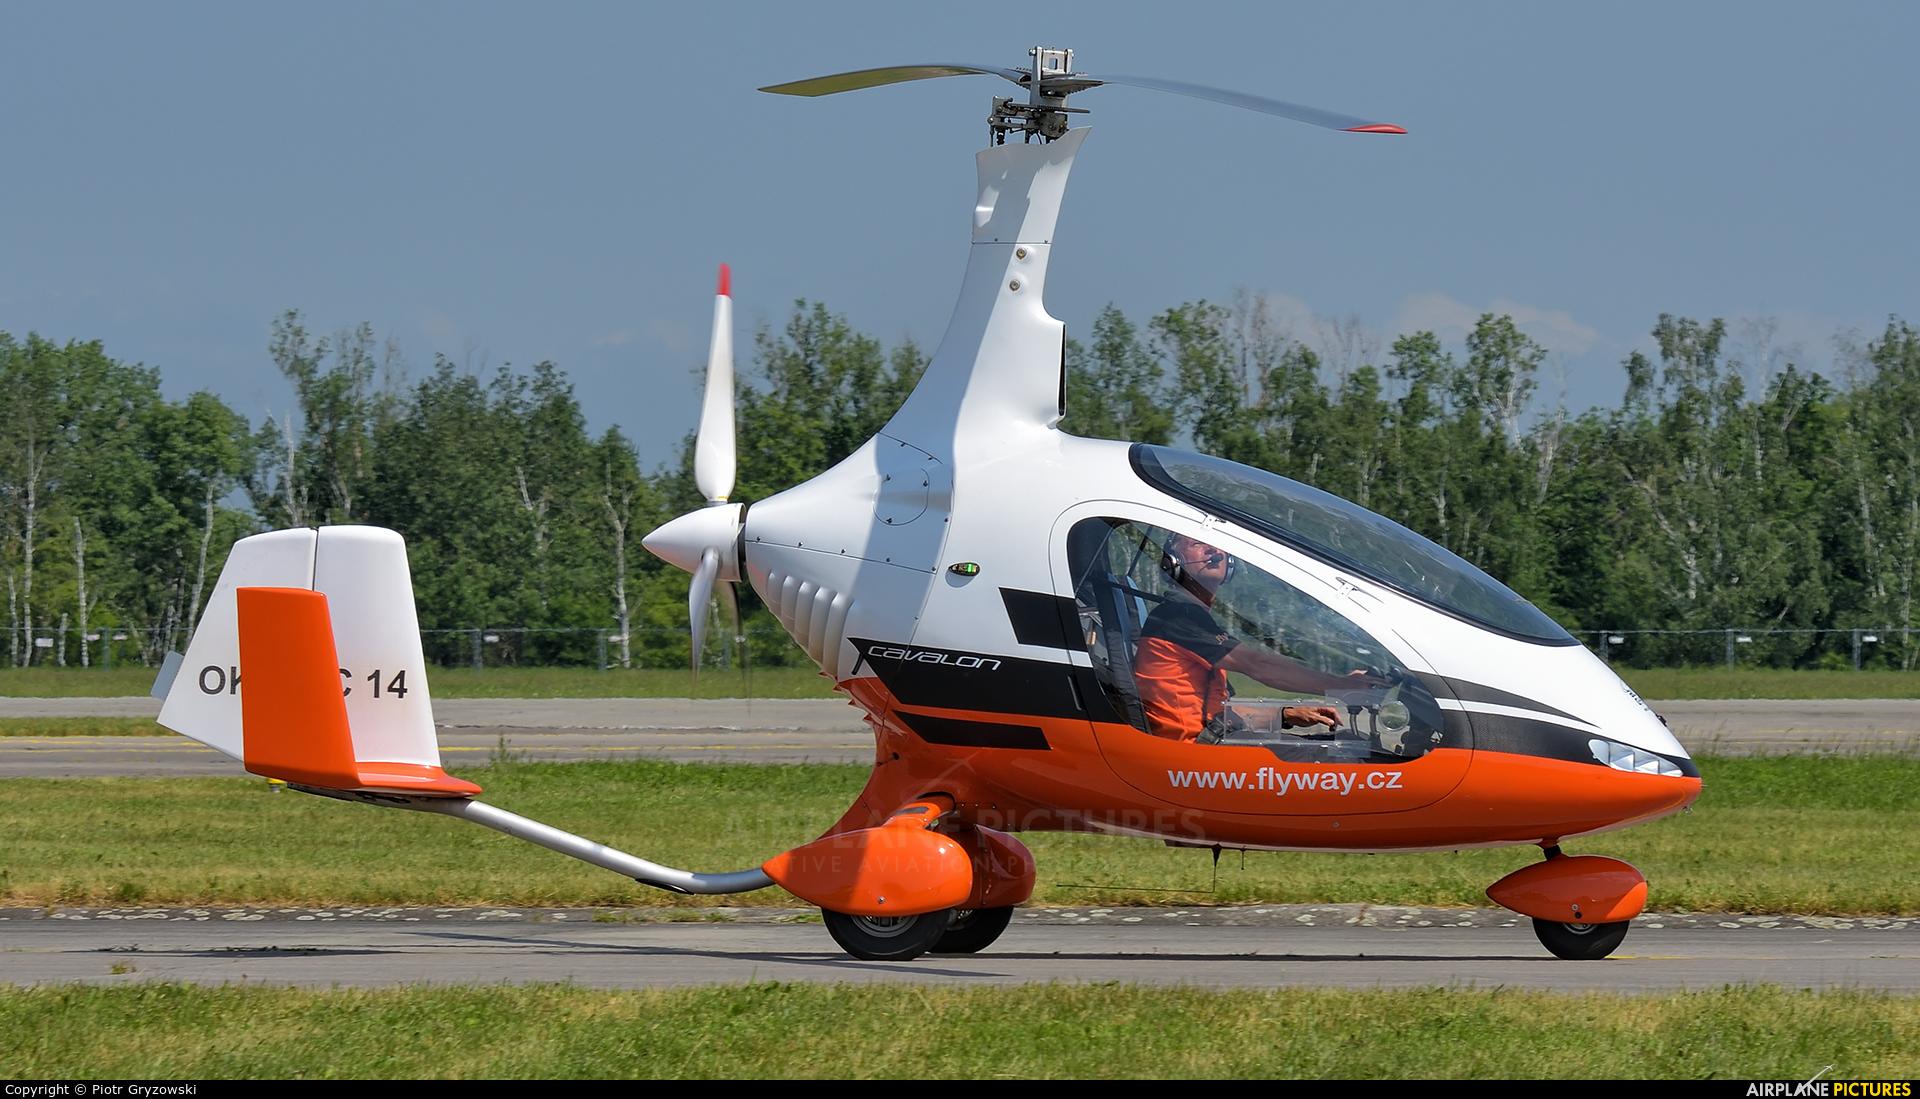 Private OK-TWC 14 aircraft at Hradec Králové